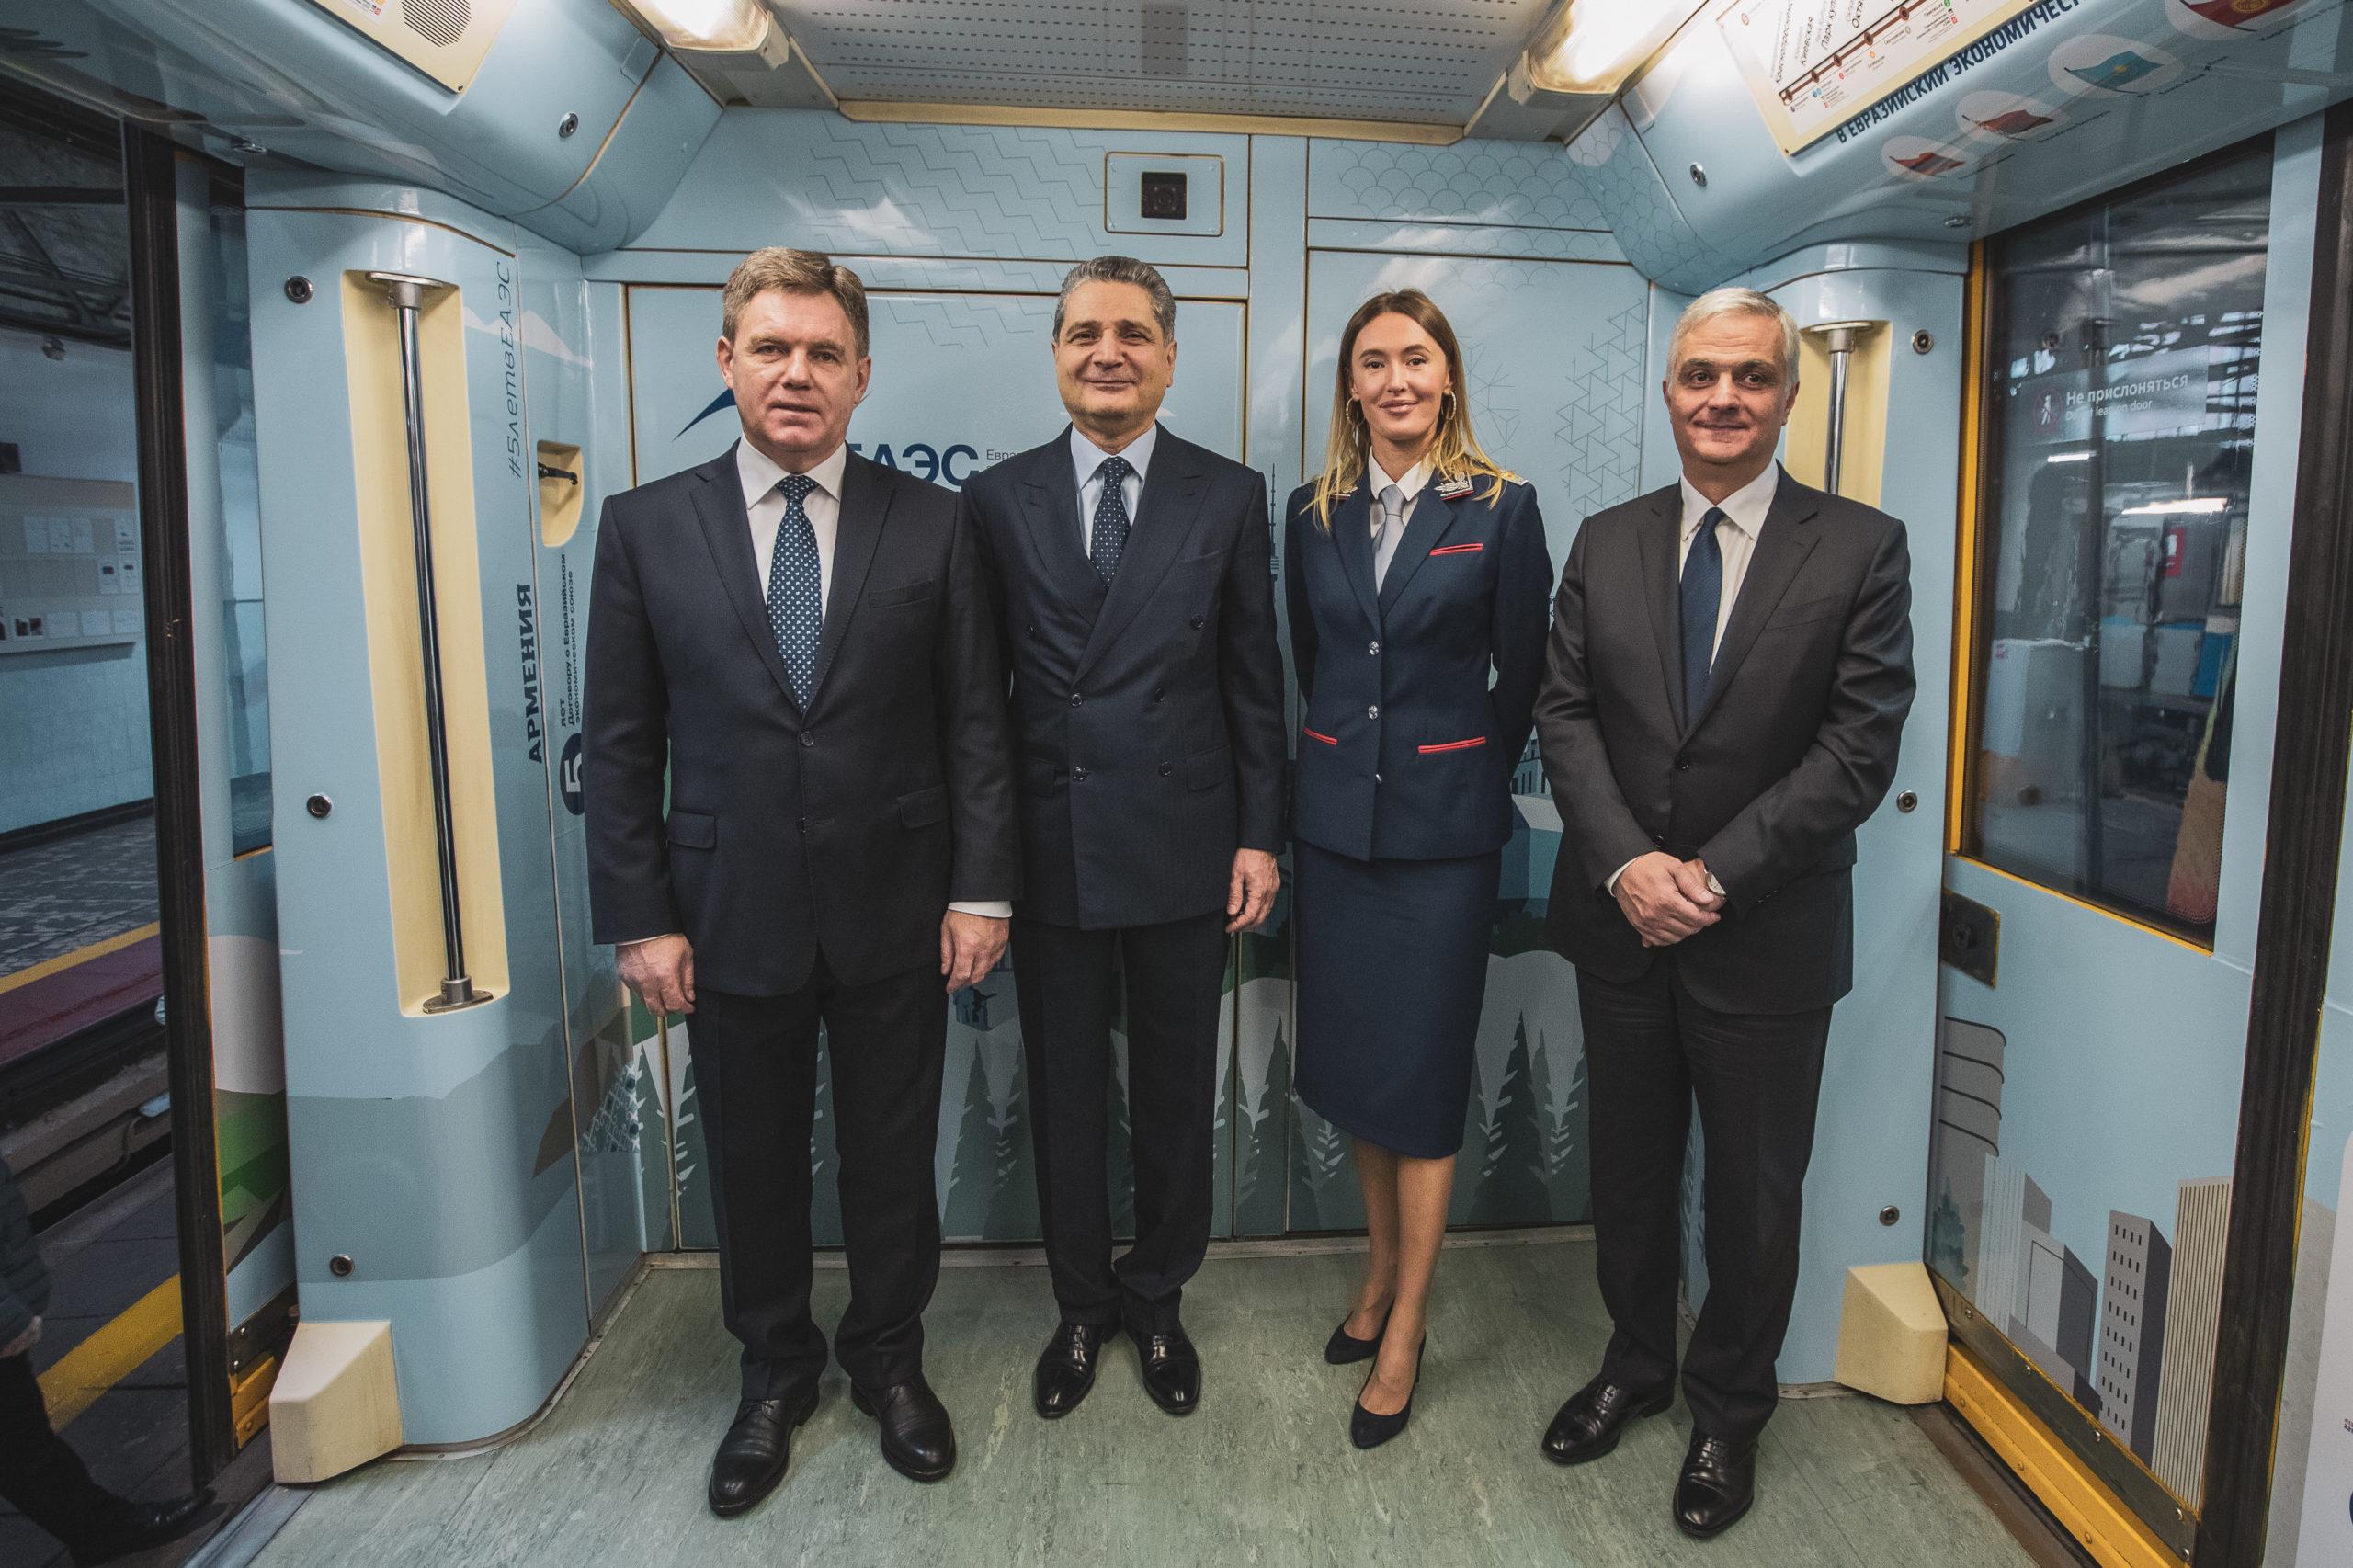 В московском метрополитене появился вагон о Казахстане